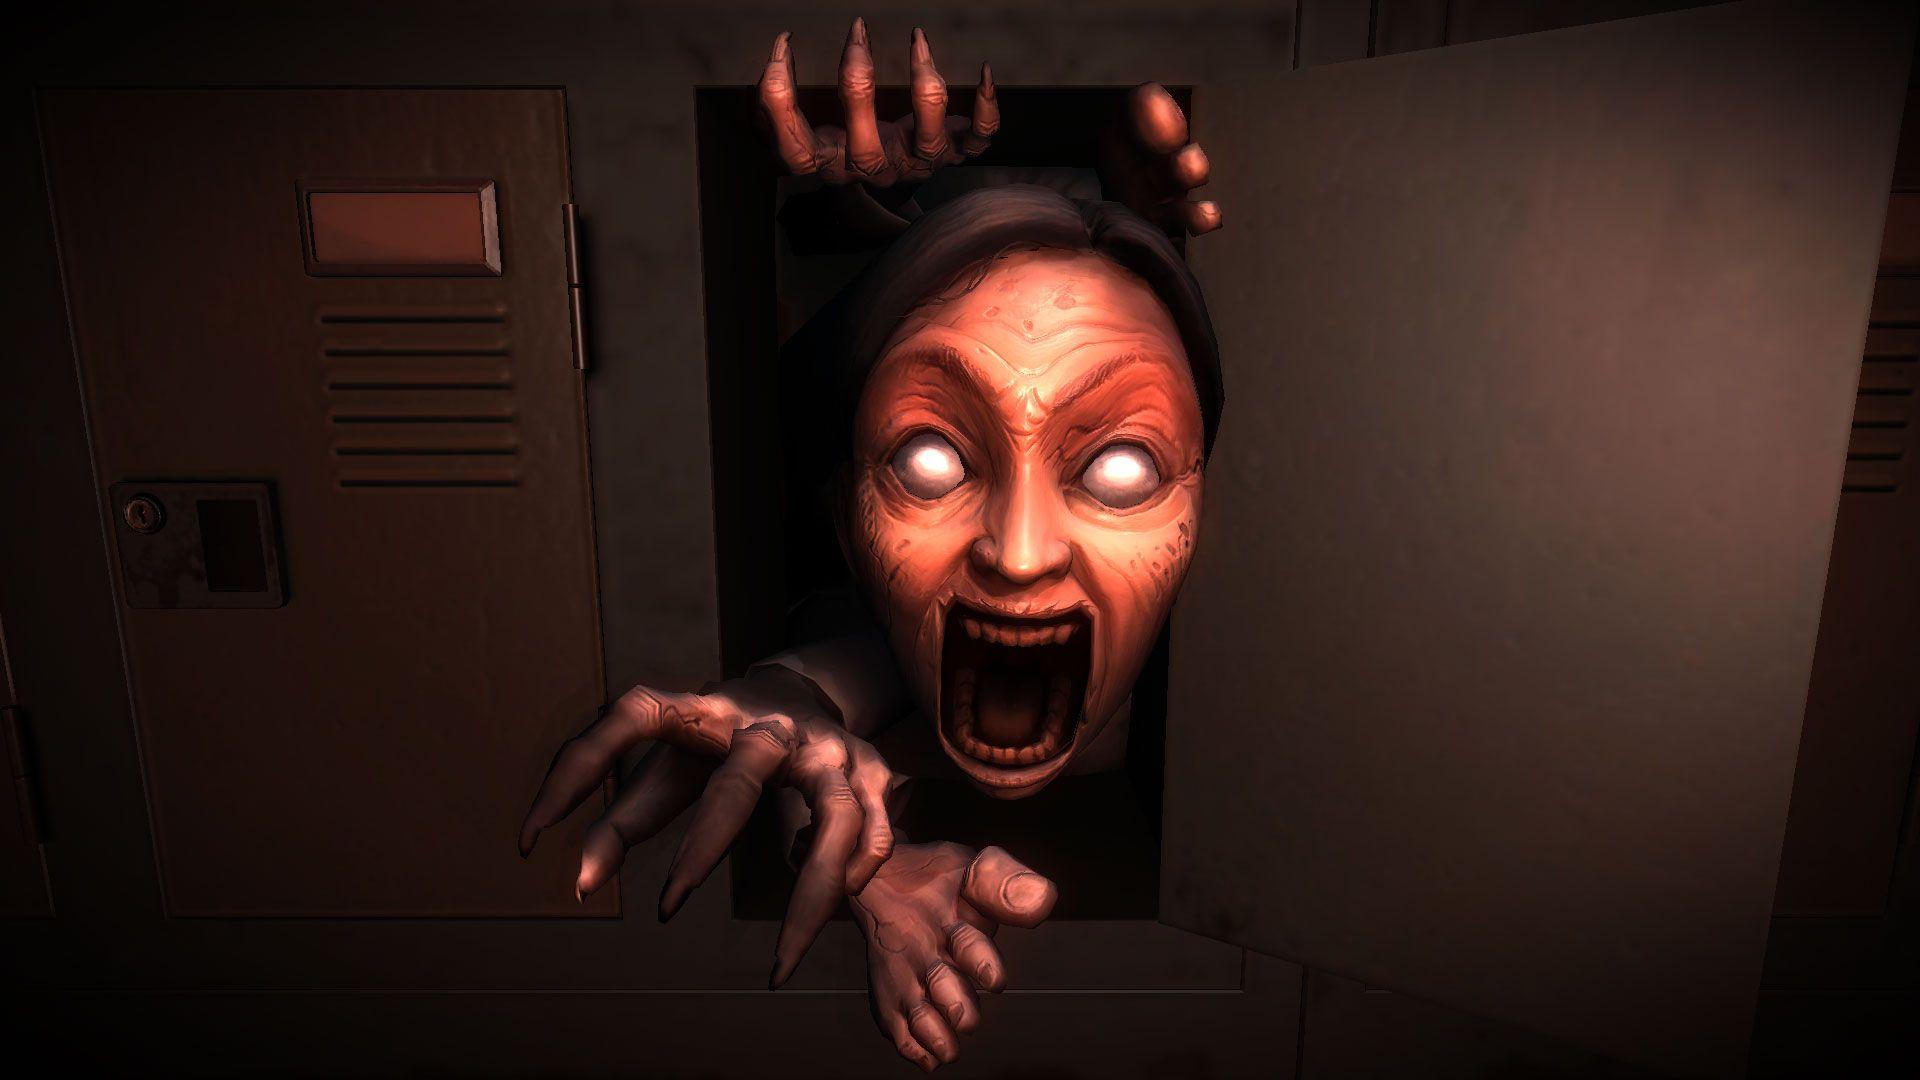 Le jeu d'horreur coréen White Day arrive en août sur PS4 - Actu - Gamekult